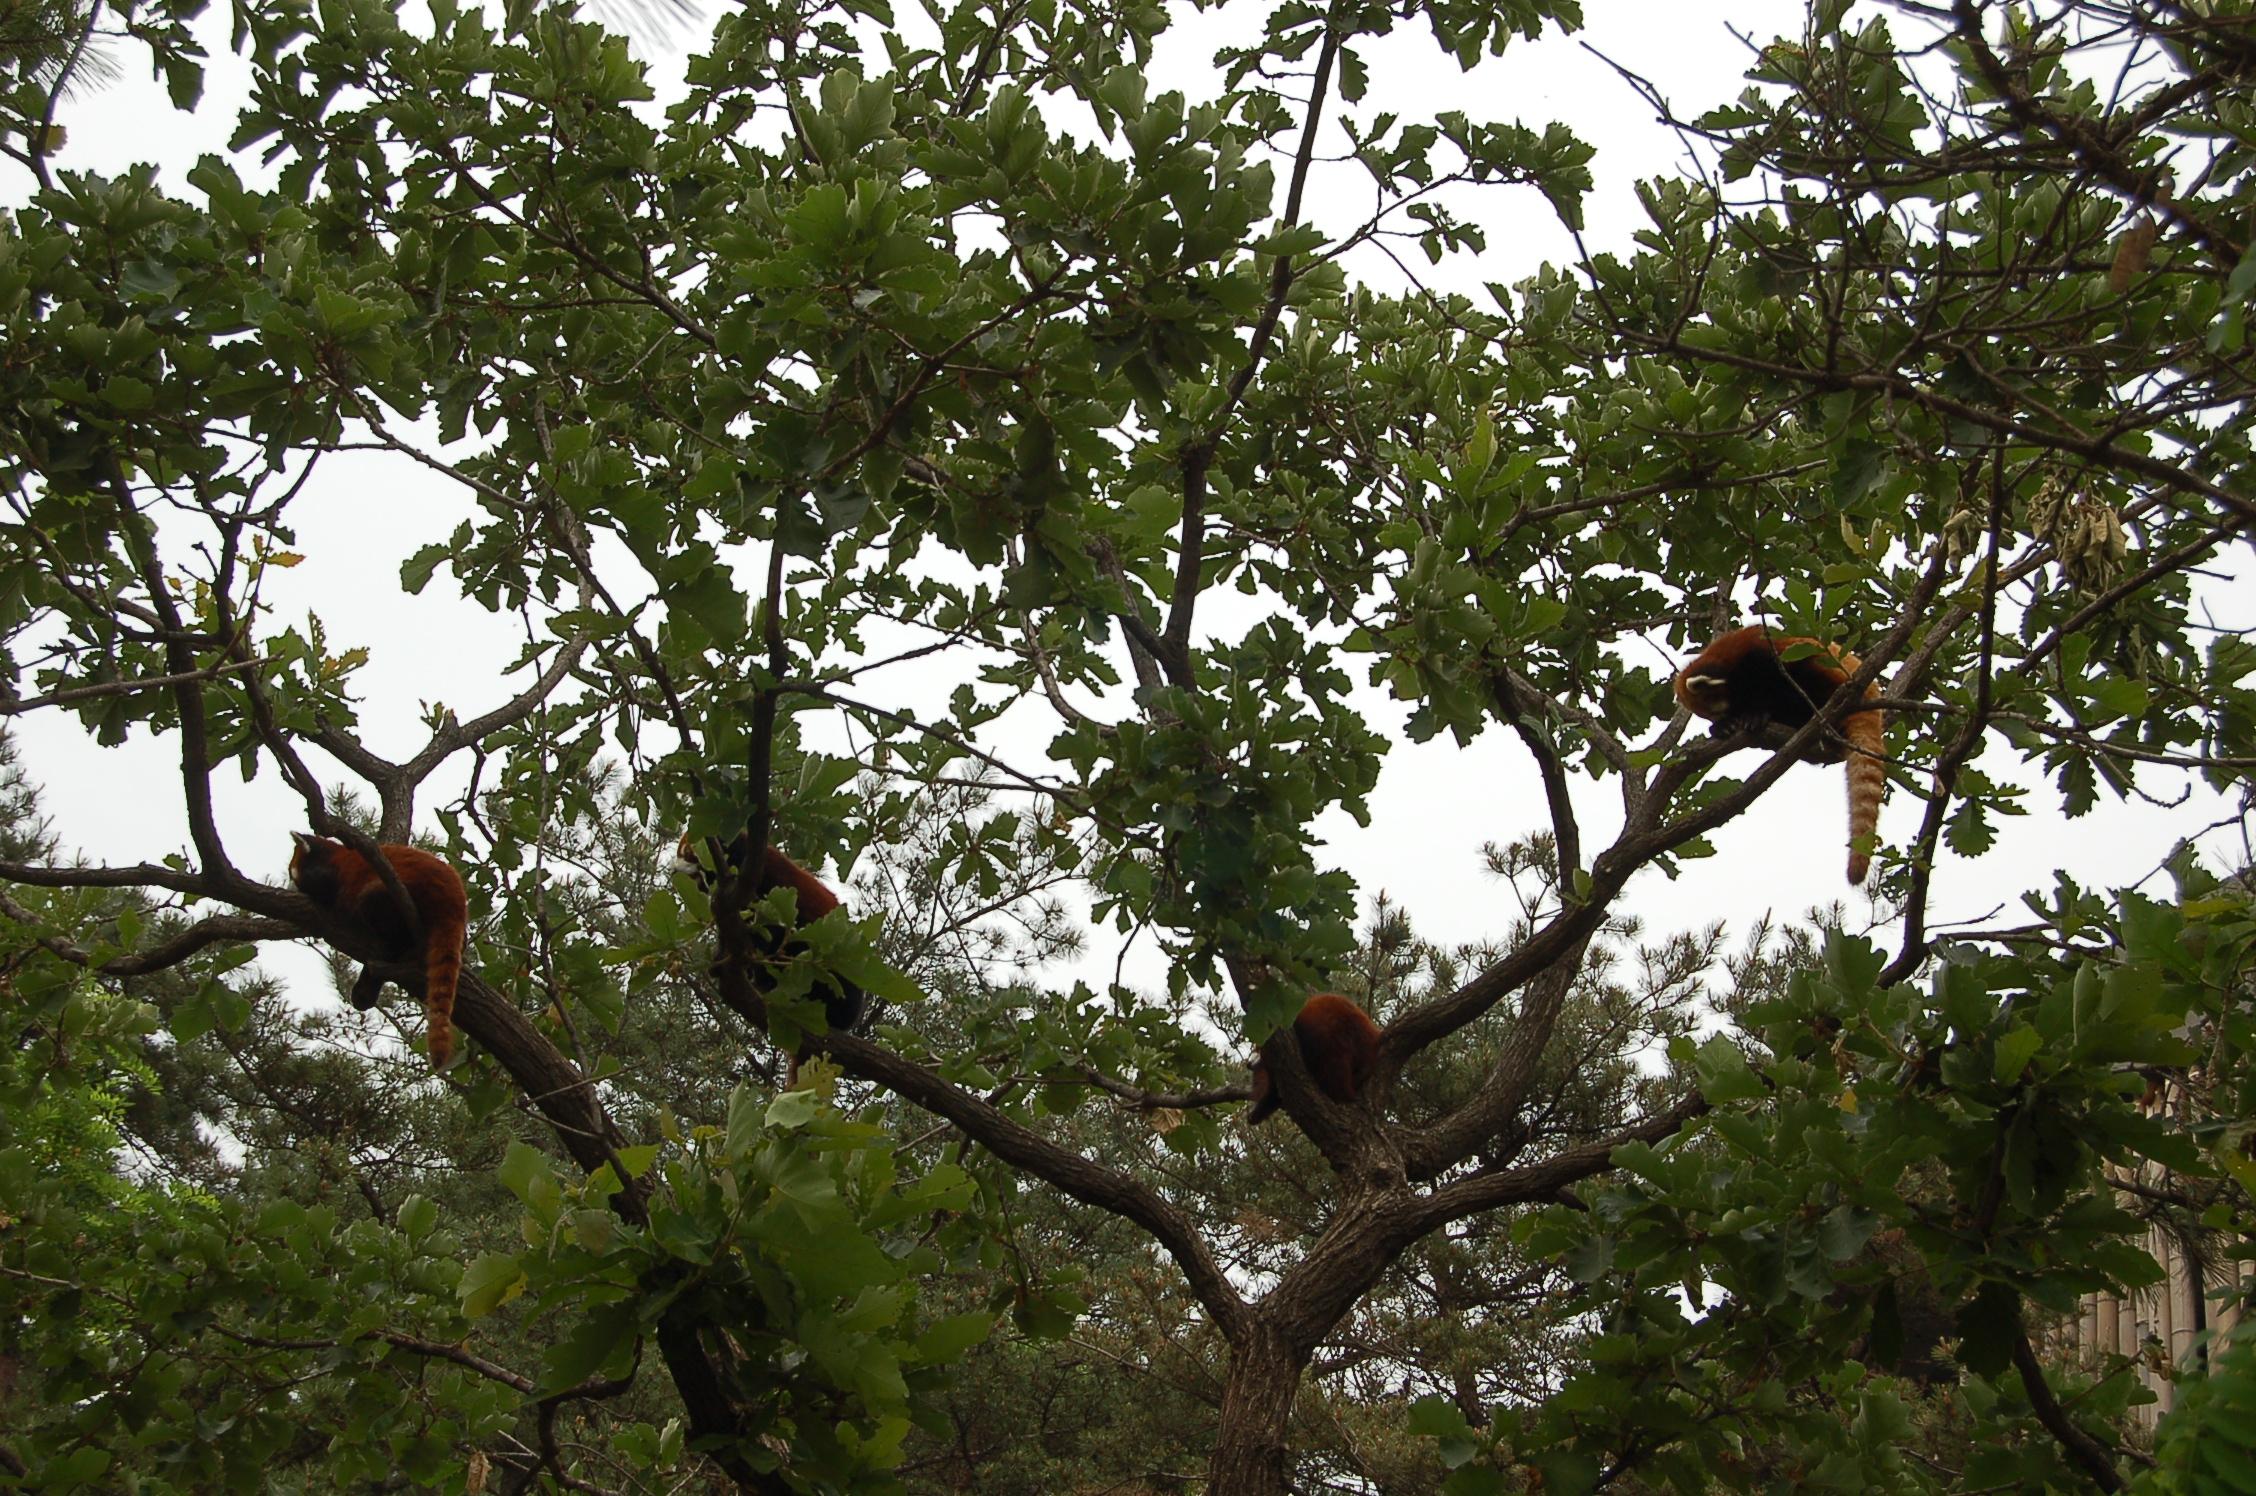 大连市森林动物园里小熊猫